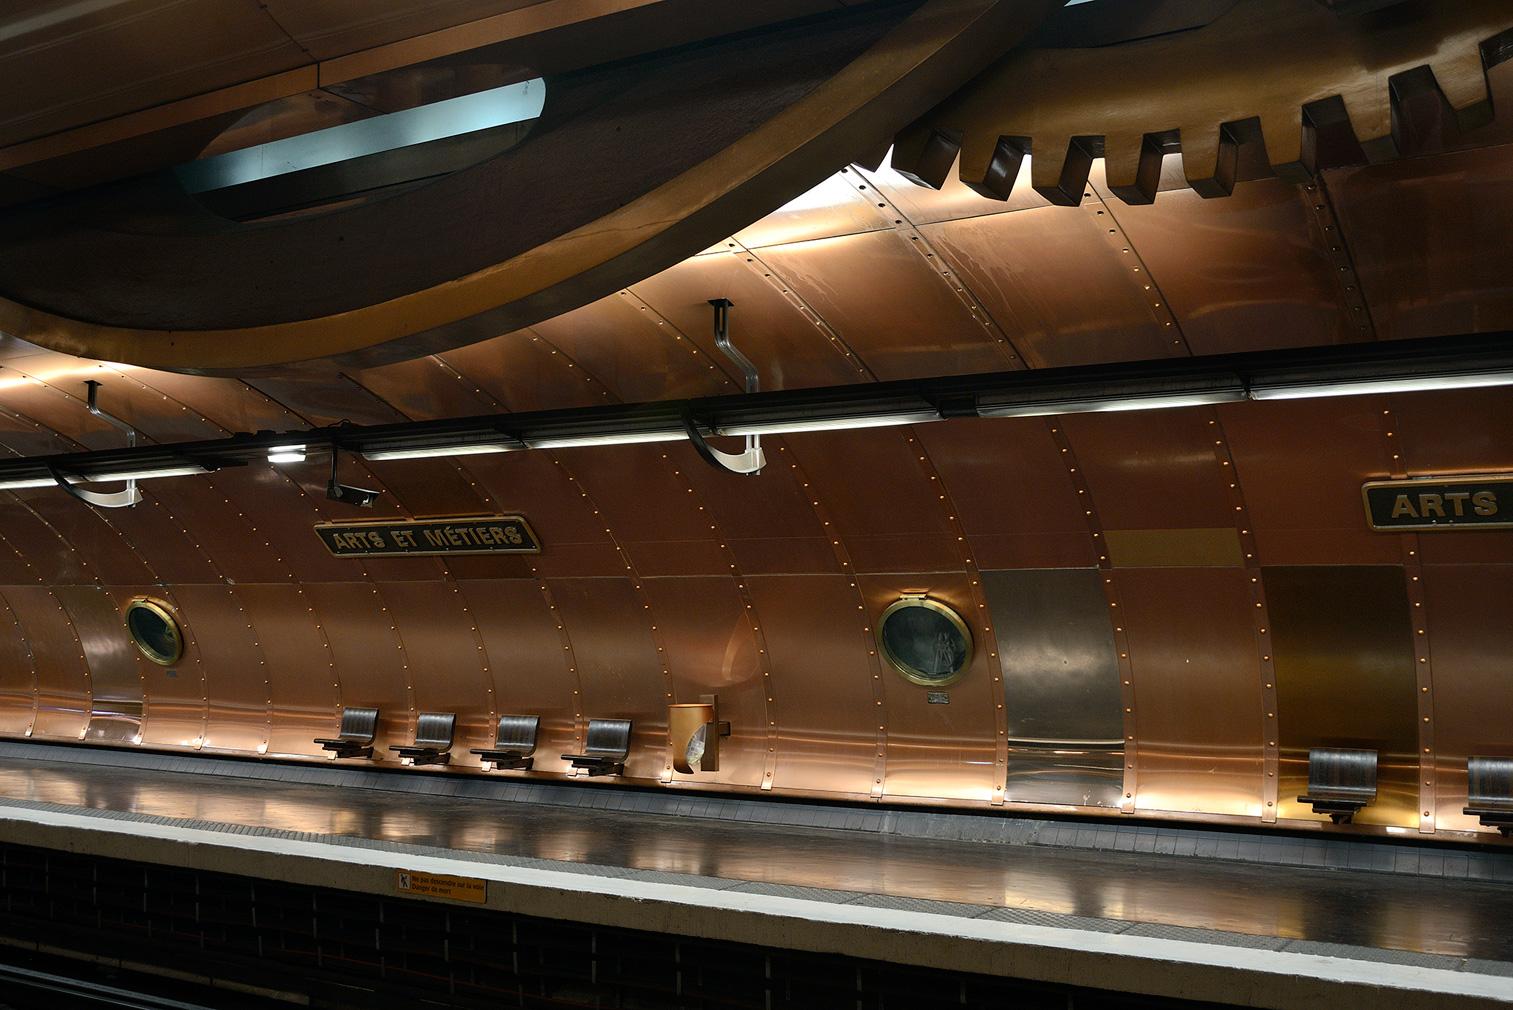 Take an architectural tour of the Paris Métro system